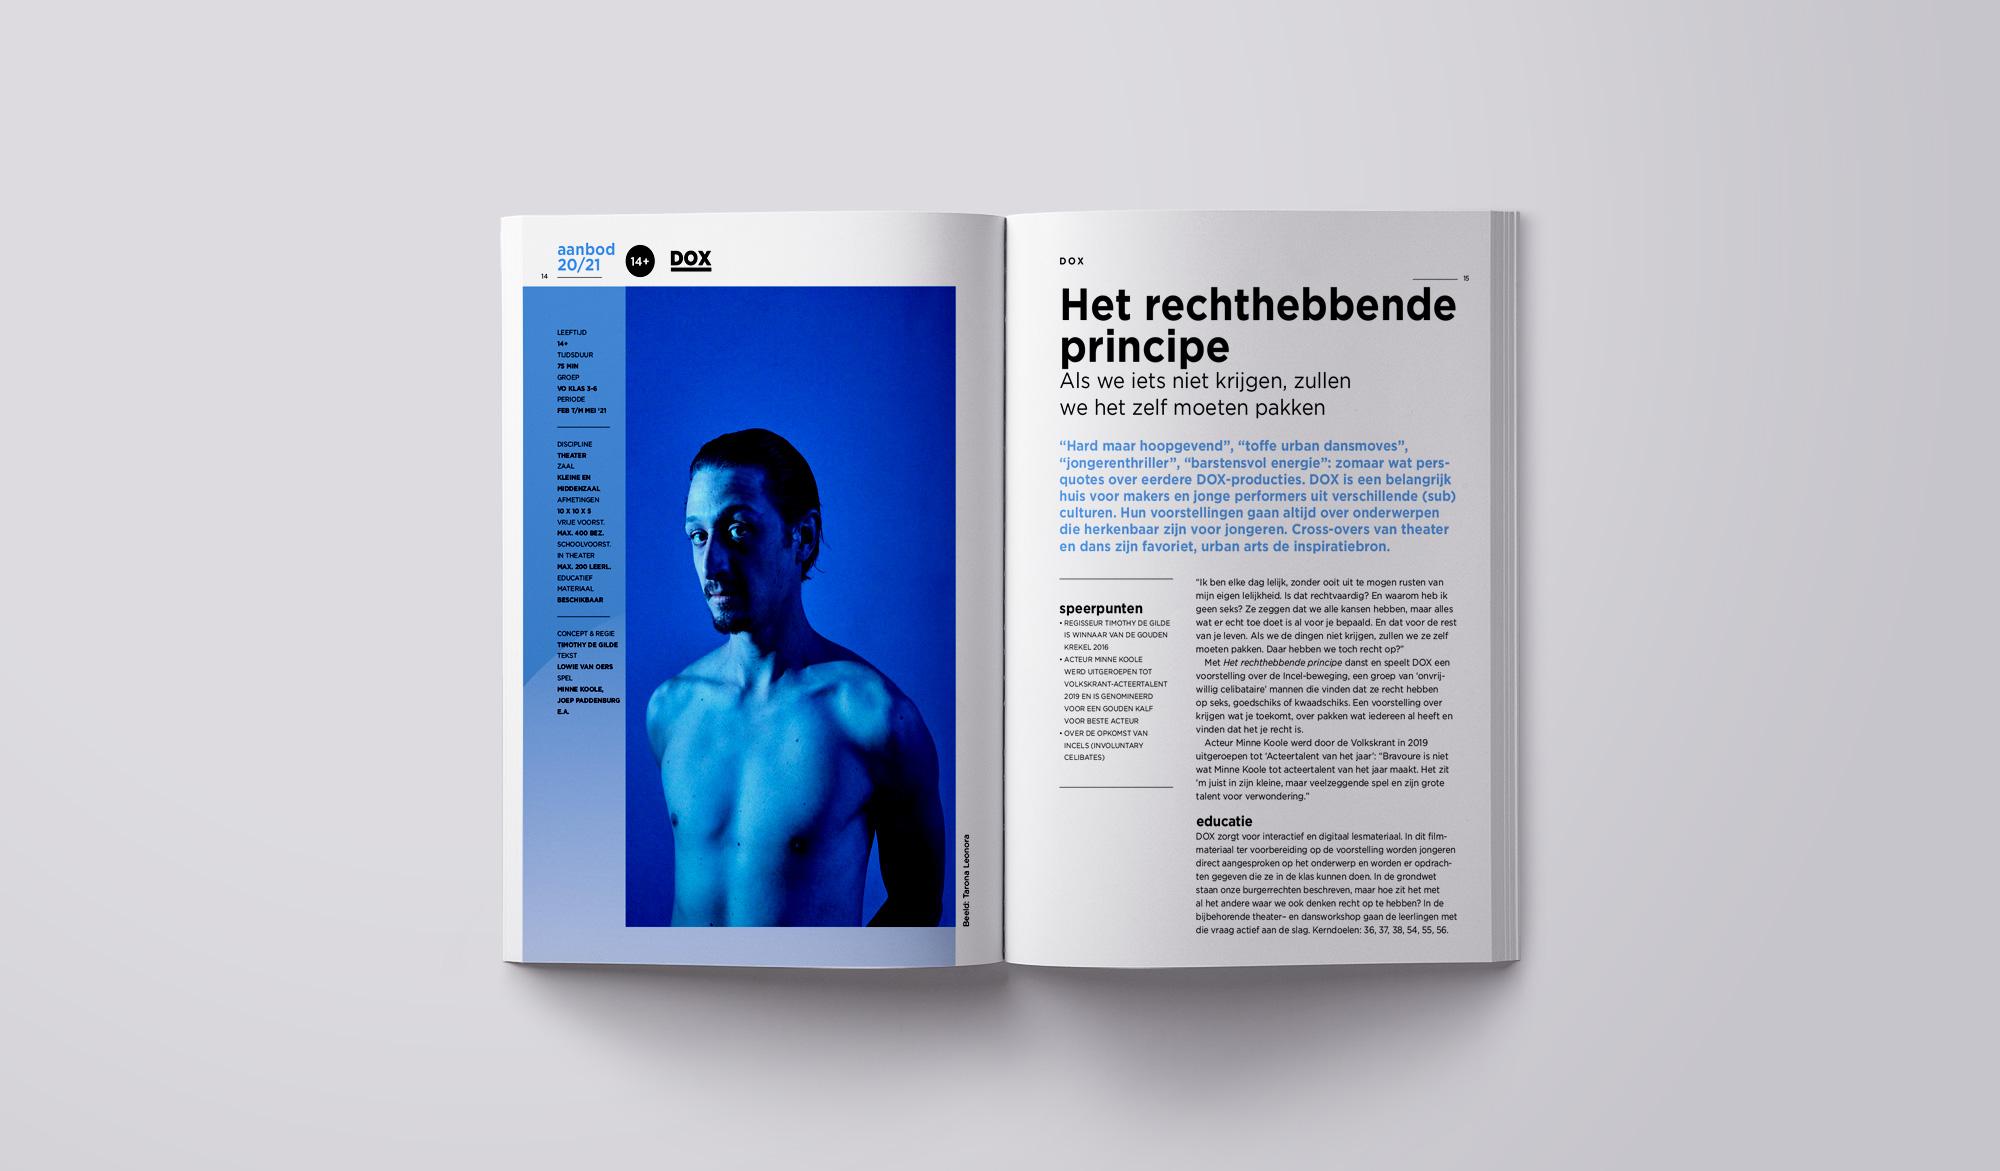 Stip_brochure_20-21_5.jpg